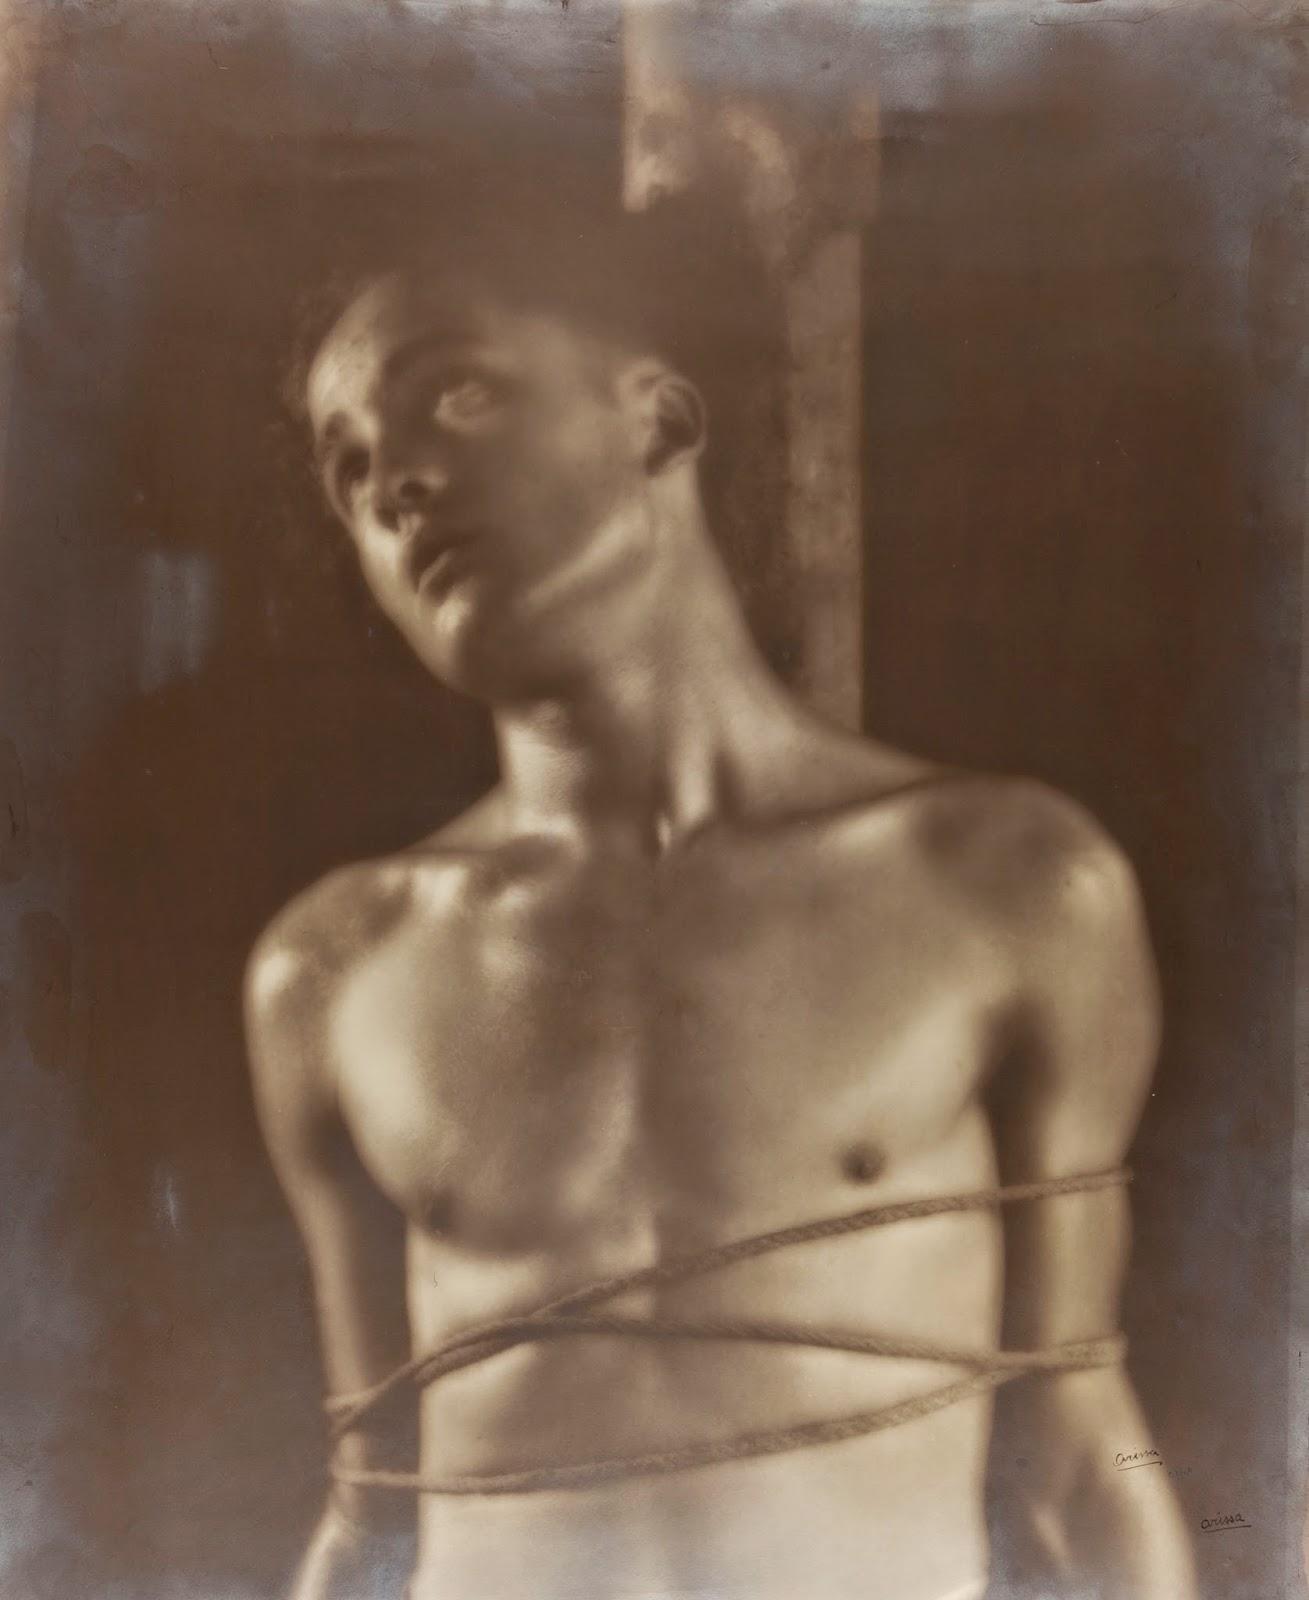 antoni arissa mnac bondage esclavo slave